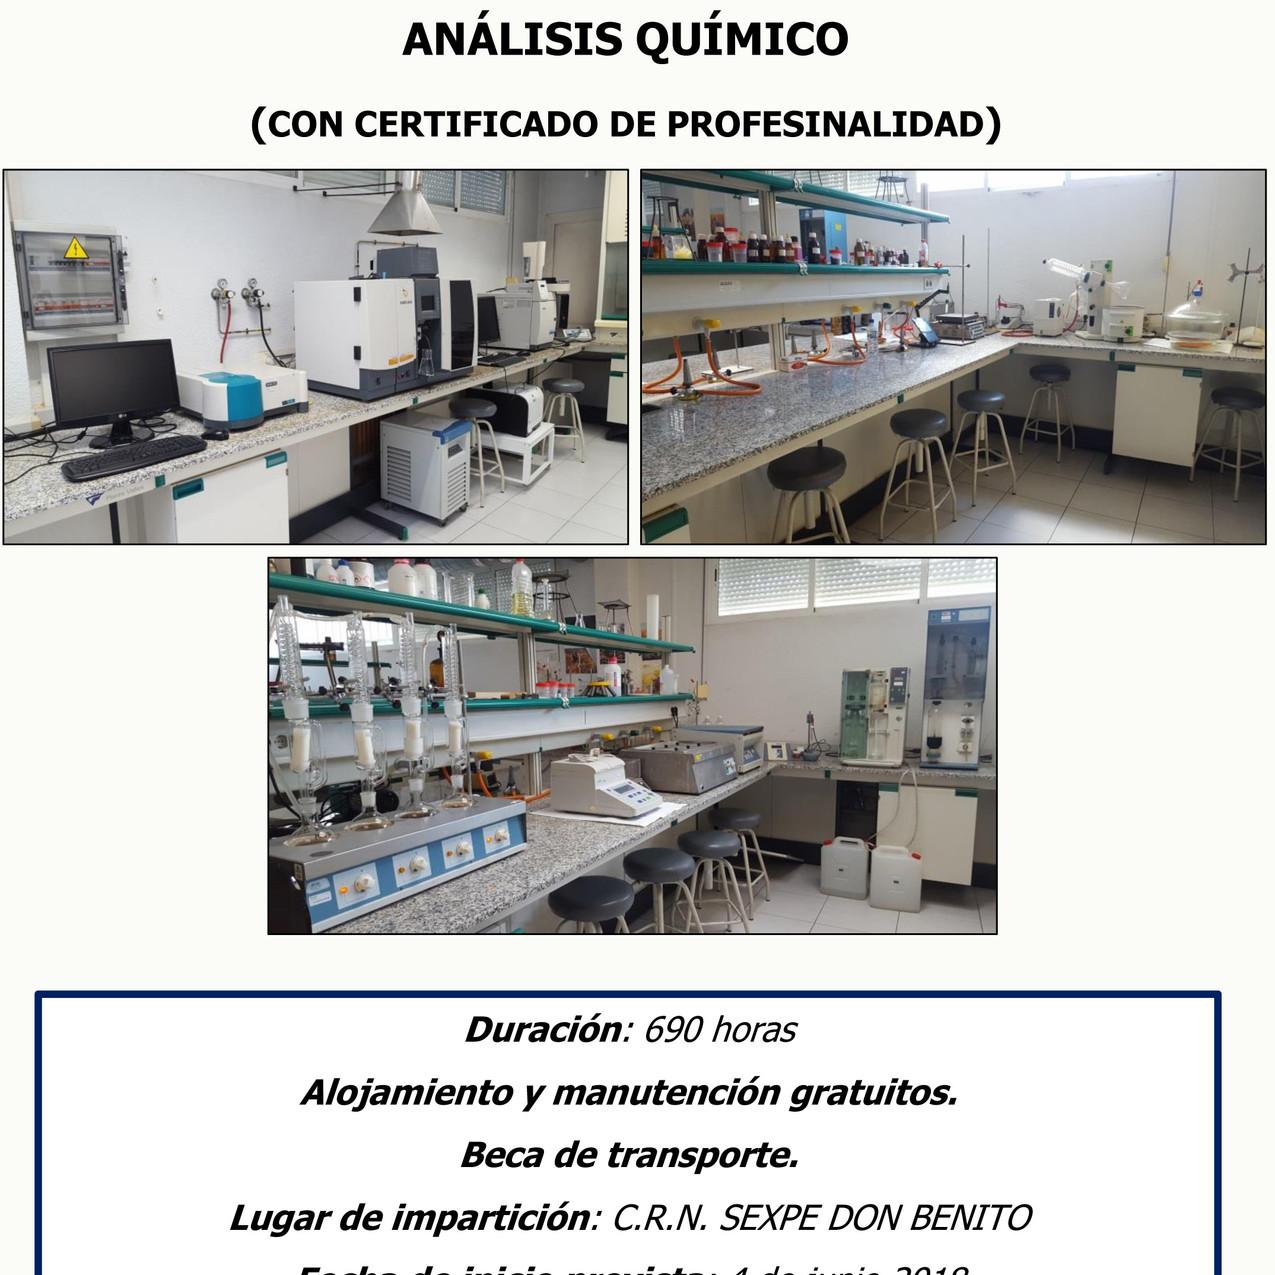 Carpetas_informativas_de_cursos_de_formación-4